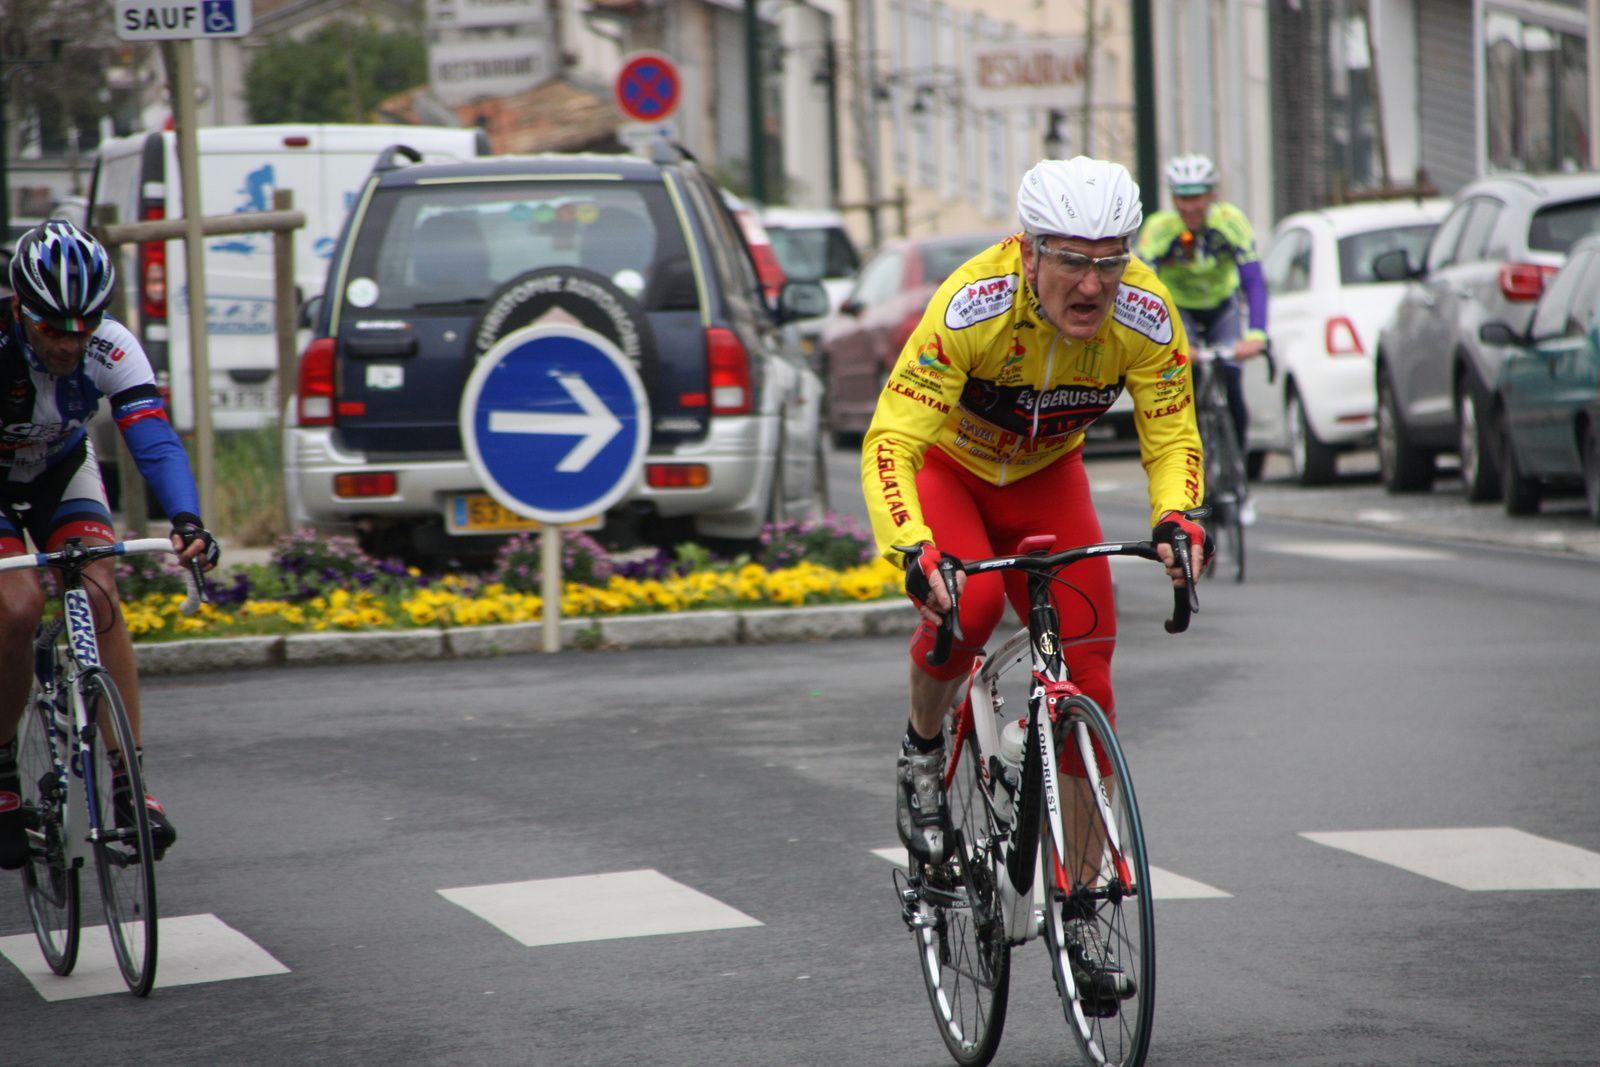 Un  coureur  de  l'ES  Bardenac  est  sortit  à  son  tour.